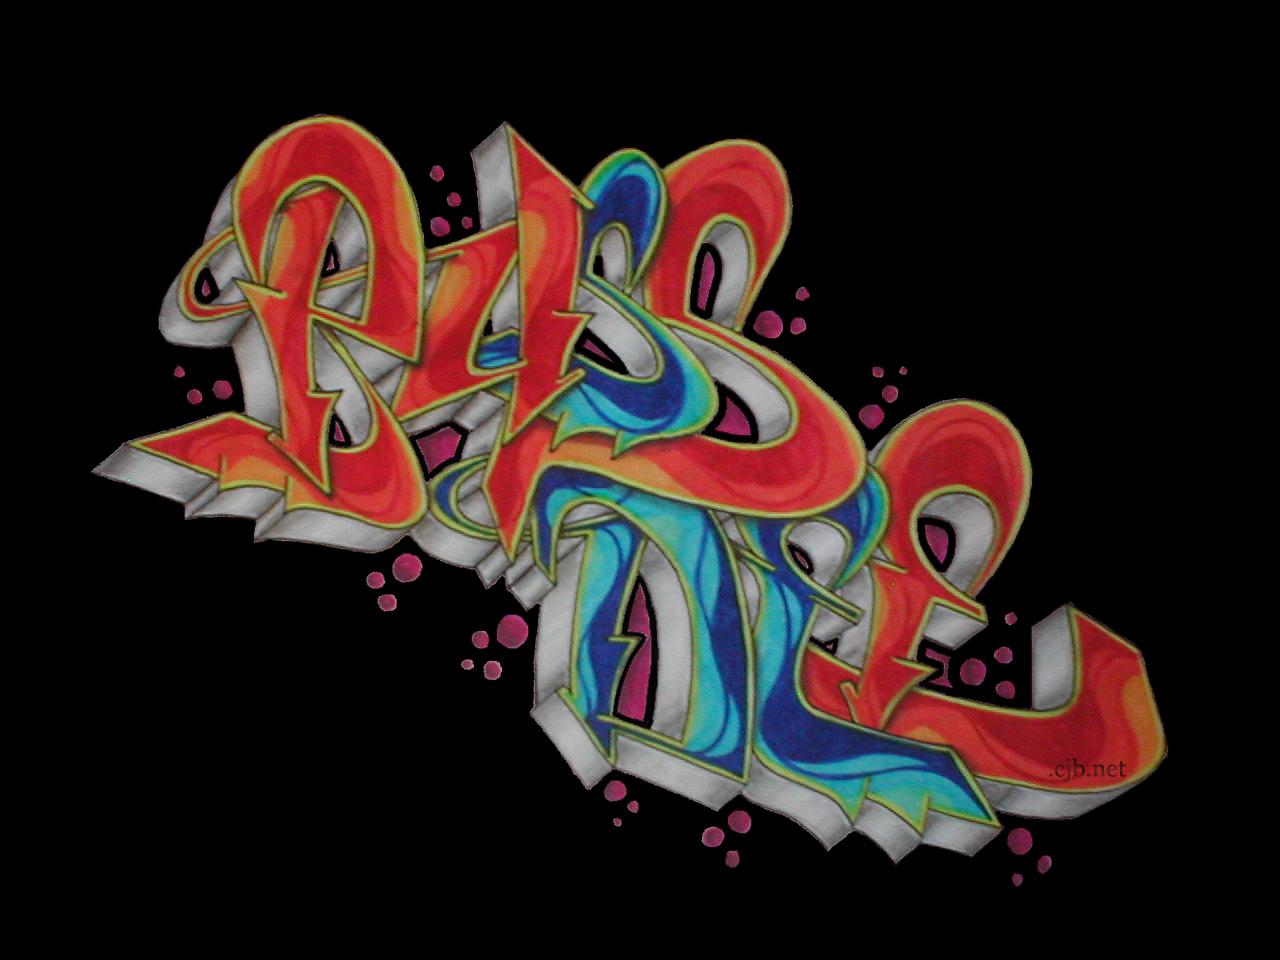 BussDee